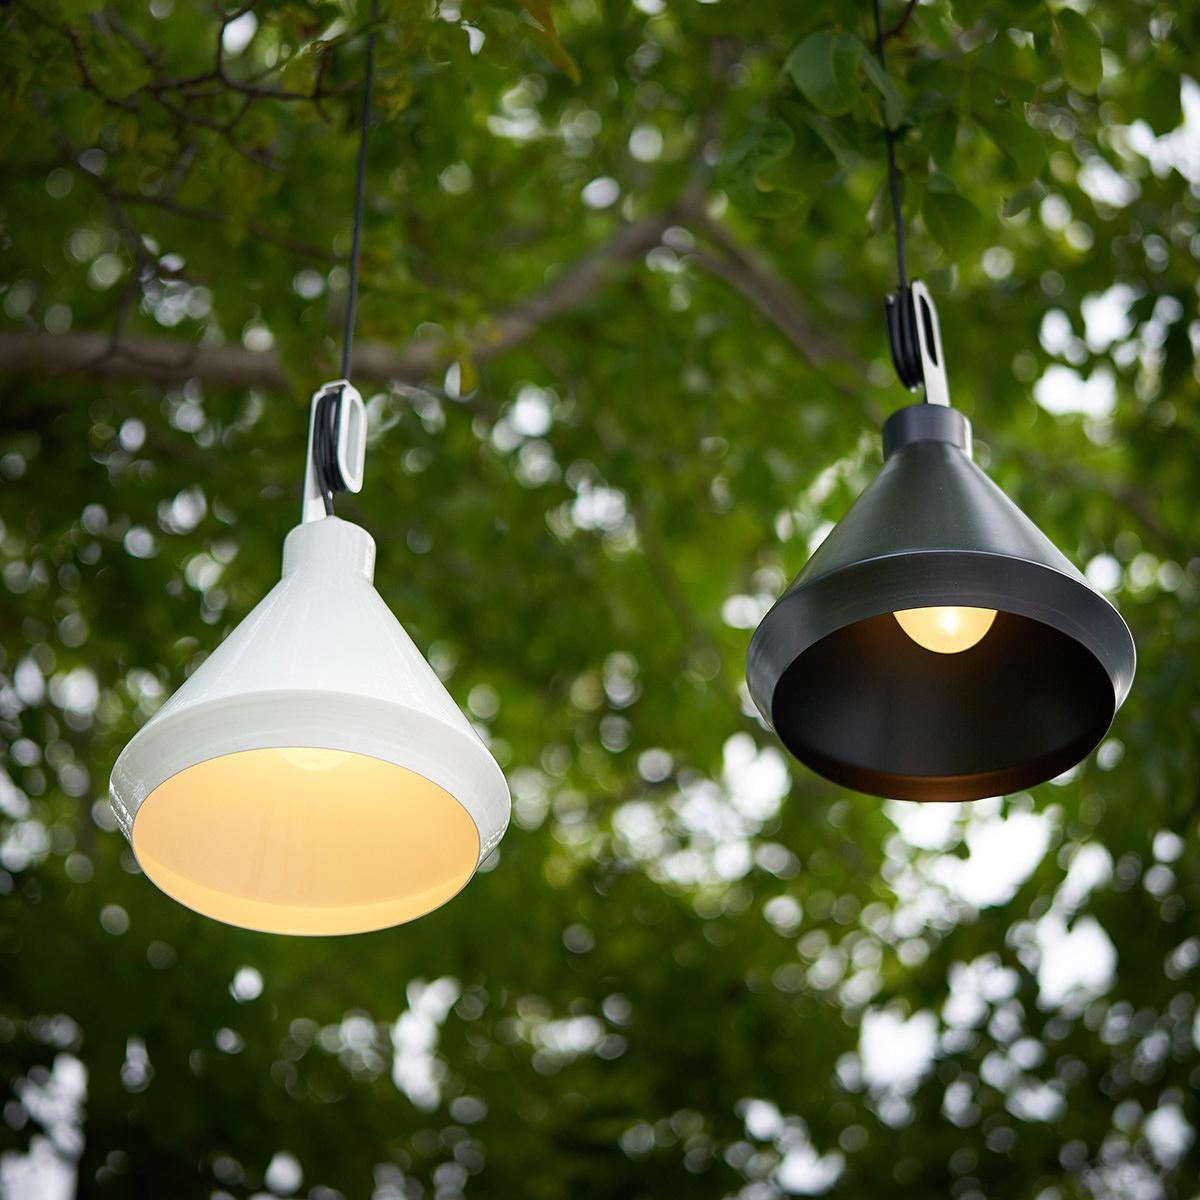 купить наружные потолочные светильники